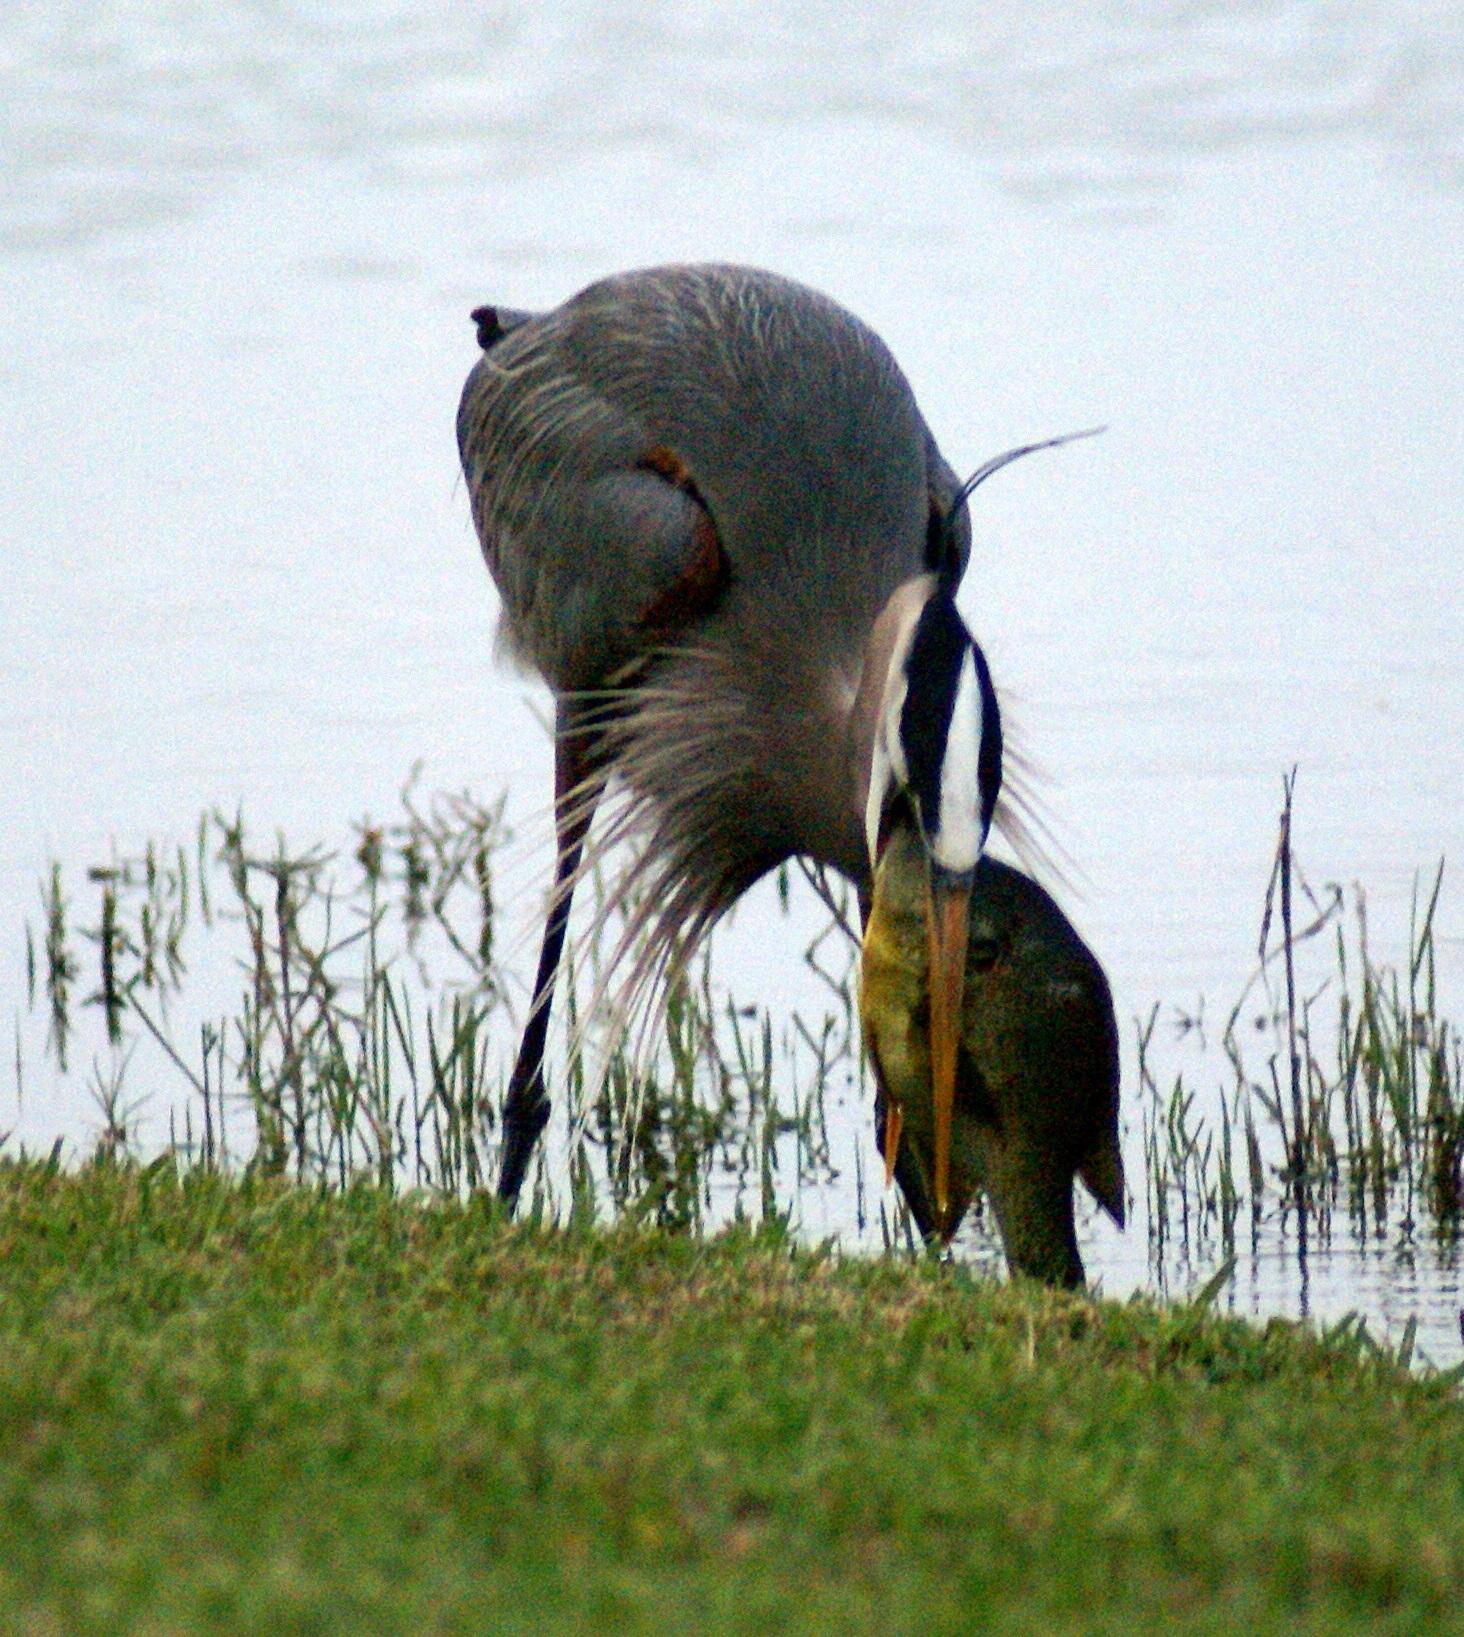 Heron Eating Sunfish